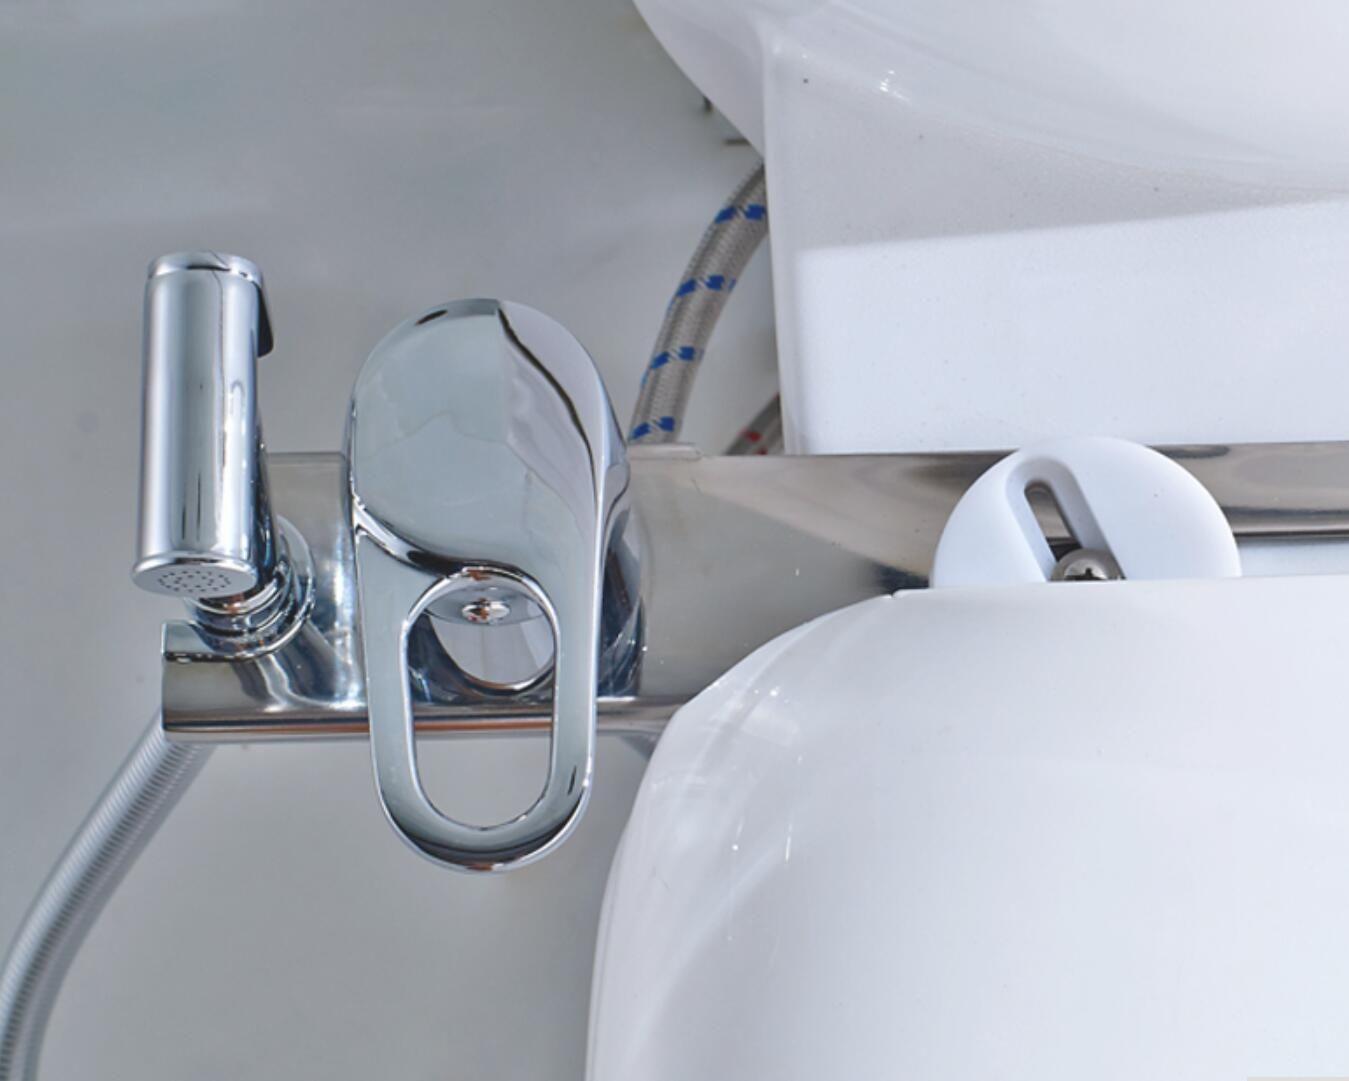 Boquite Weihnachtskarneval Badezimmer Handbrause Silber Bidet Sprayer Multifunktionale Badezimmer Handheld verstellbare Bidet Dusche Sprayer Schlauch Wandhalterung